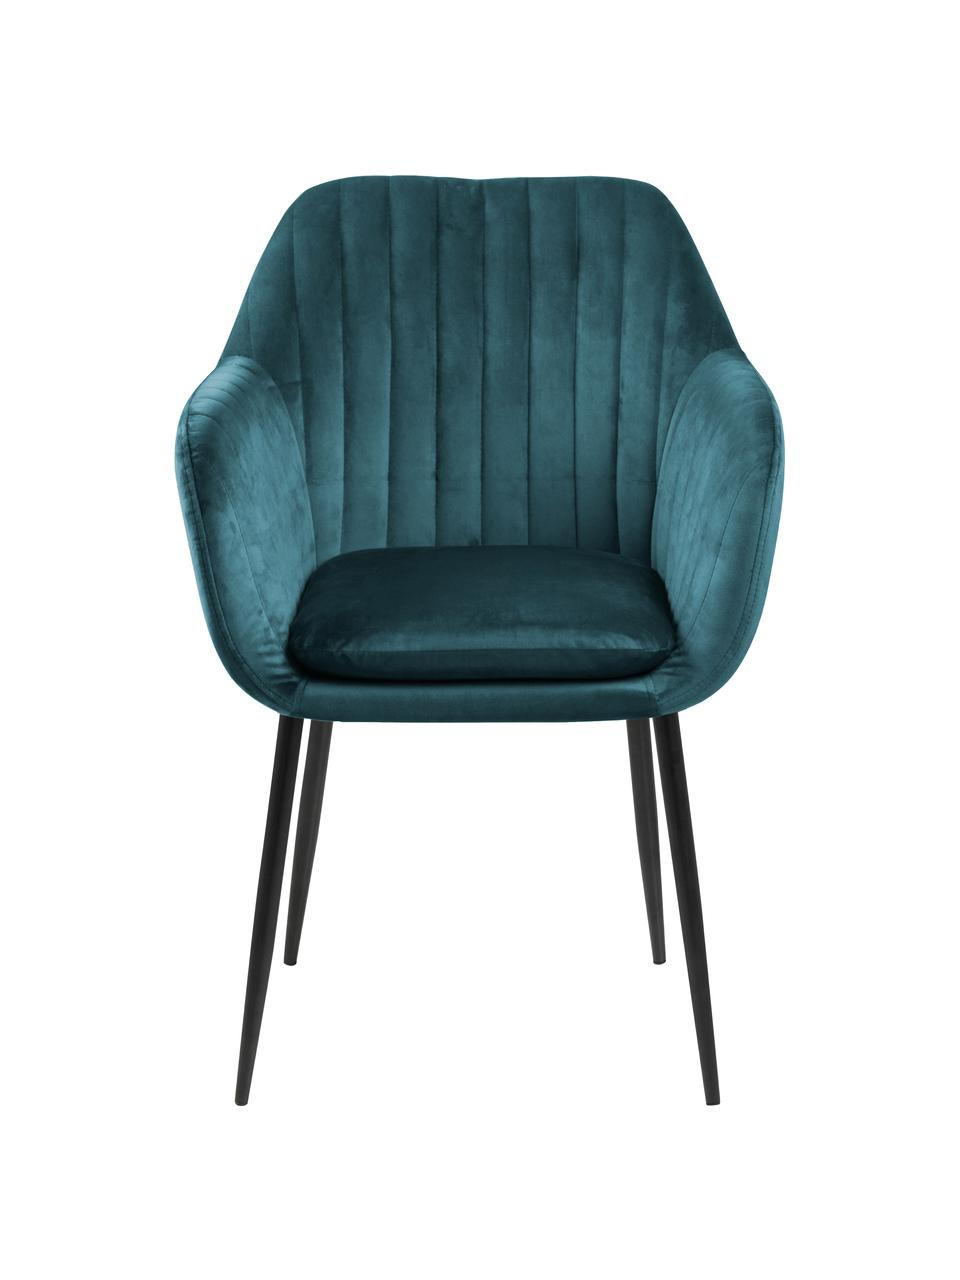 Samt-Armlehnstuhl Emilia in Blau mit Metallbeinen, Bezug: Polyestersamt Der hochwer, Beine: Metall, lackiert, Samt Blau, Beine Schwarz, B 57 x T 59 cm